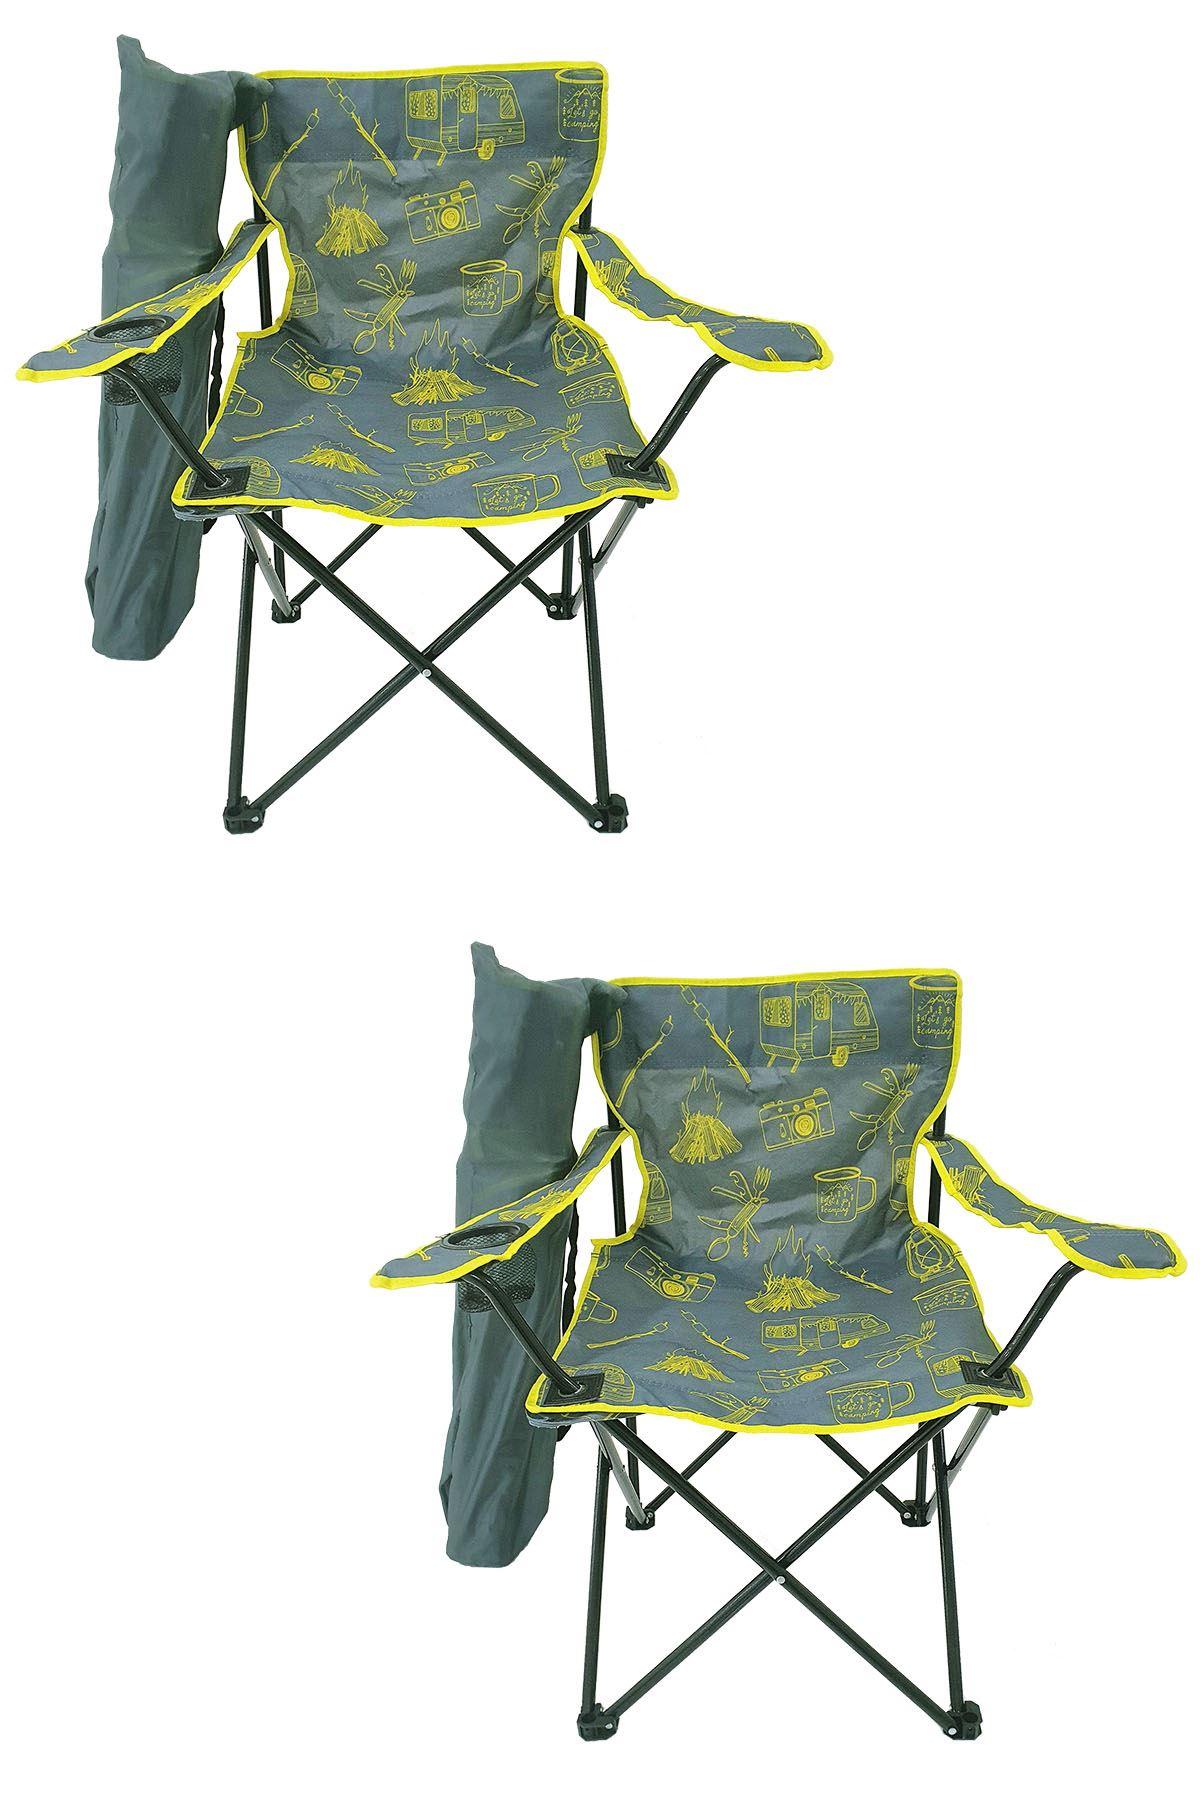 Bofigo 2 Adet Kamp Sandalyesi Katlanır Sandalye Bahçe Koltuğu Piknik Plaj Sandalyesi Desenli Gri